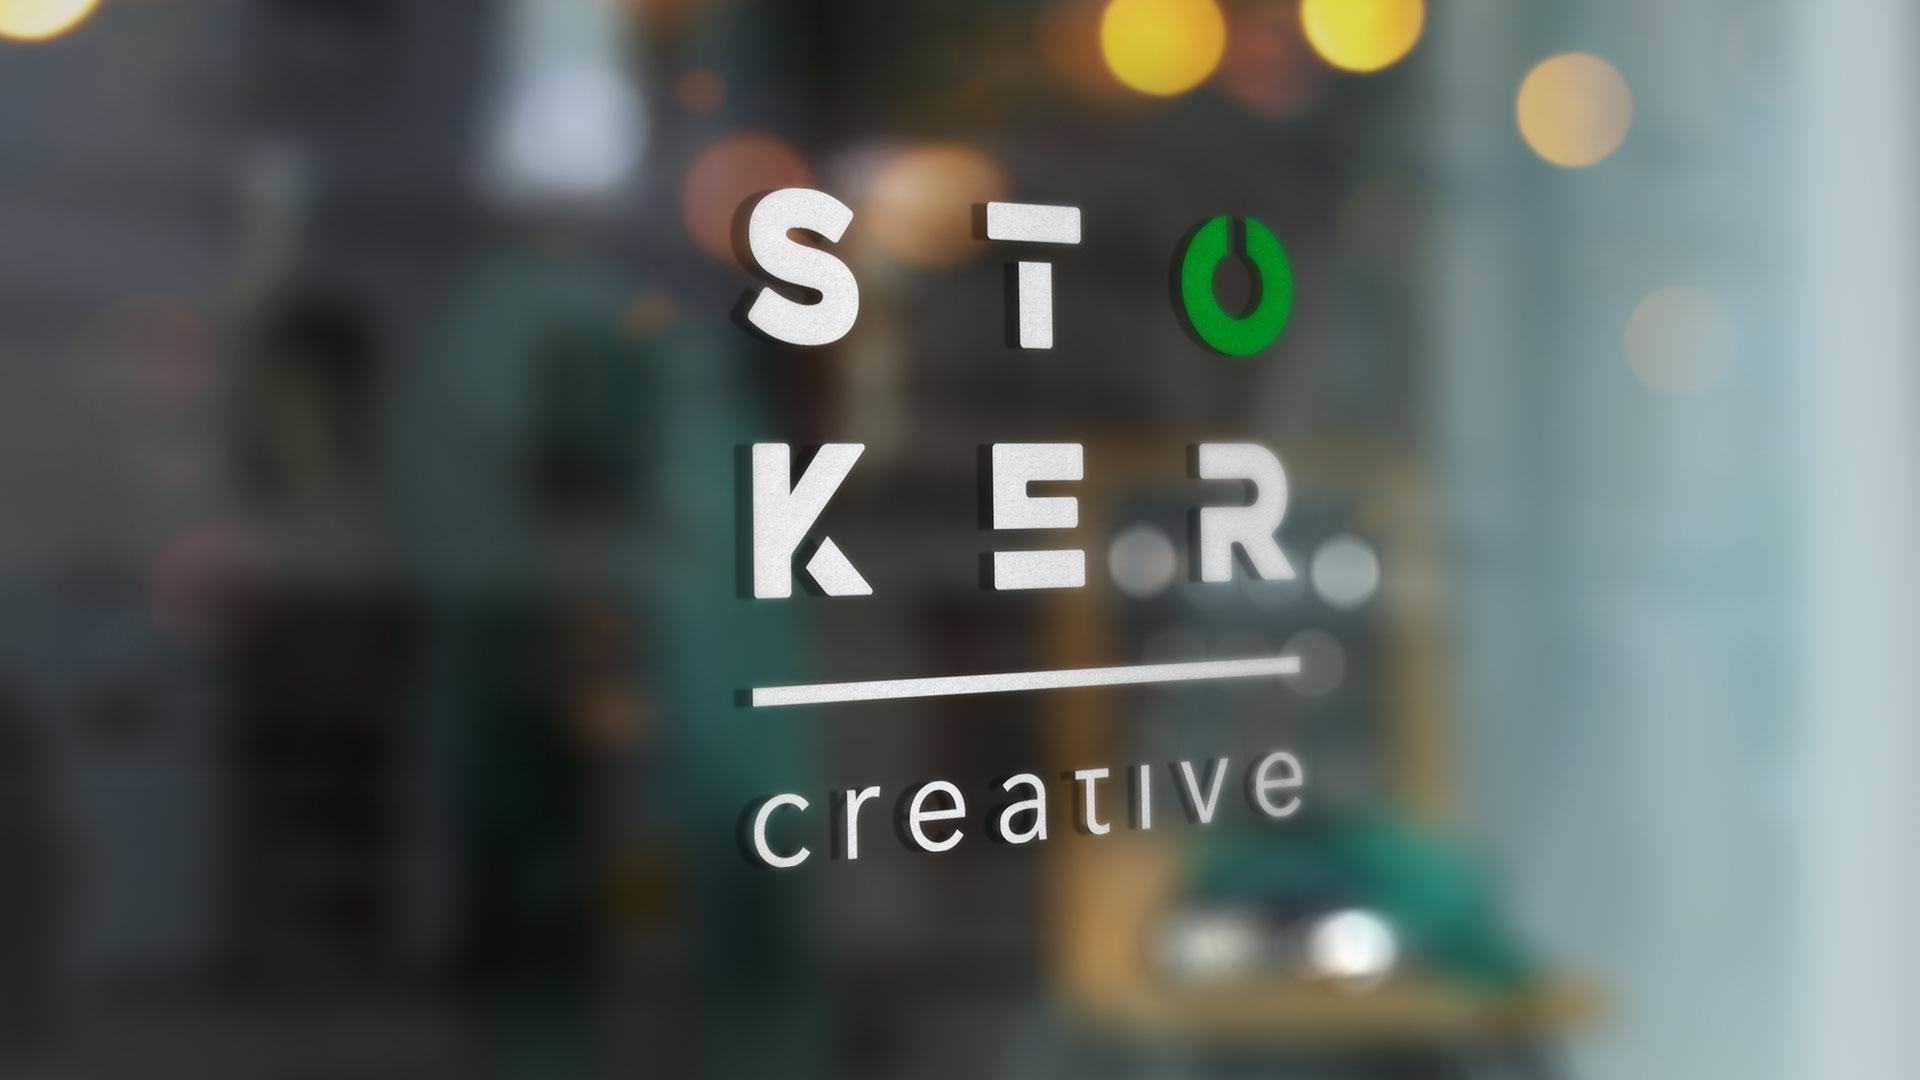 Branding-Door-Sign-Stoker-Creative